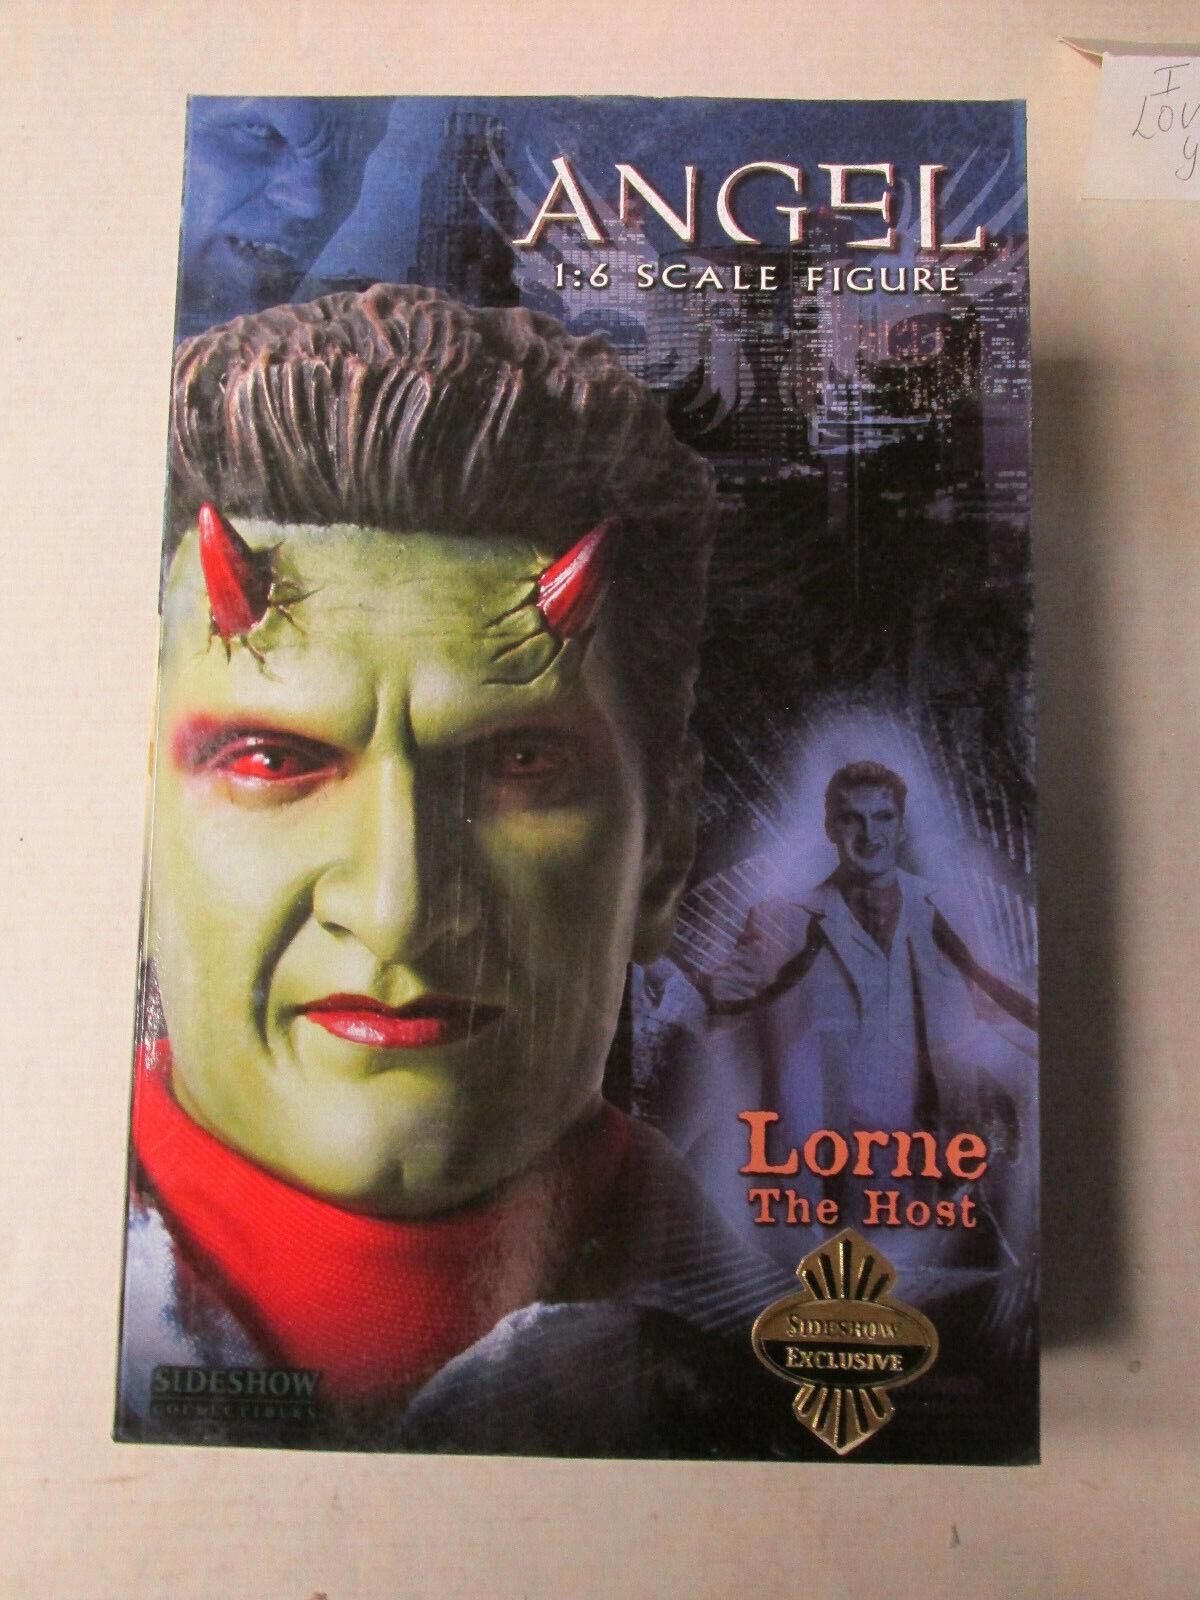 Sideshow Angel Lorne el host exclusivo Traje Azul 1 6 Menta en caja